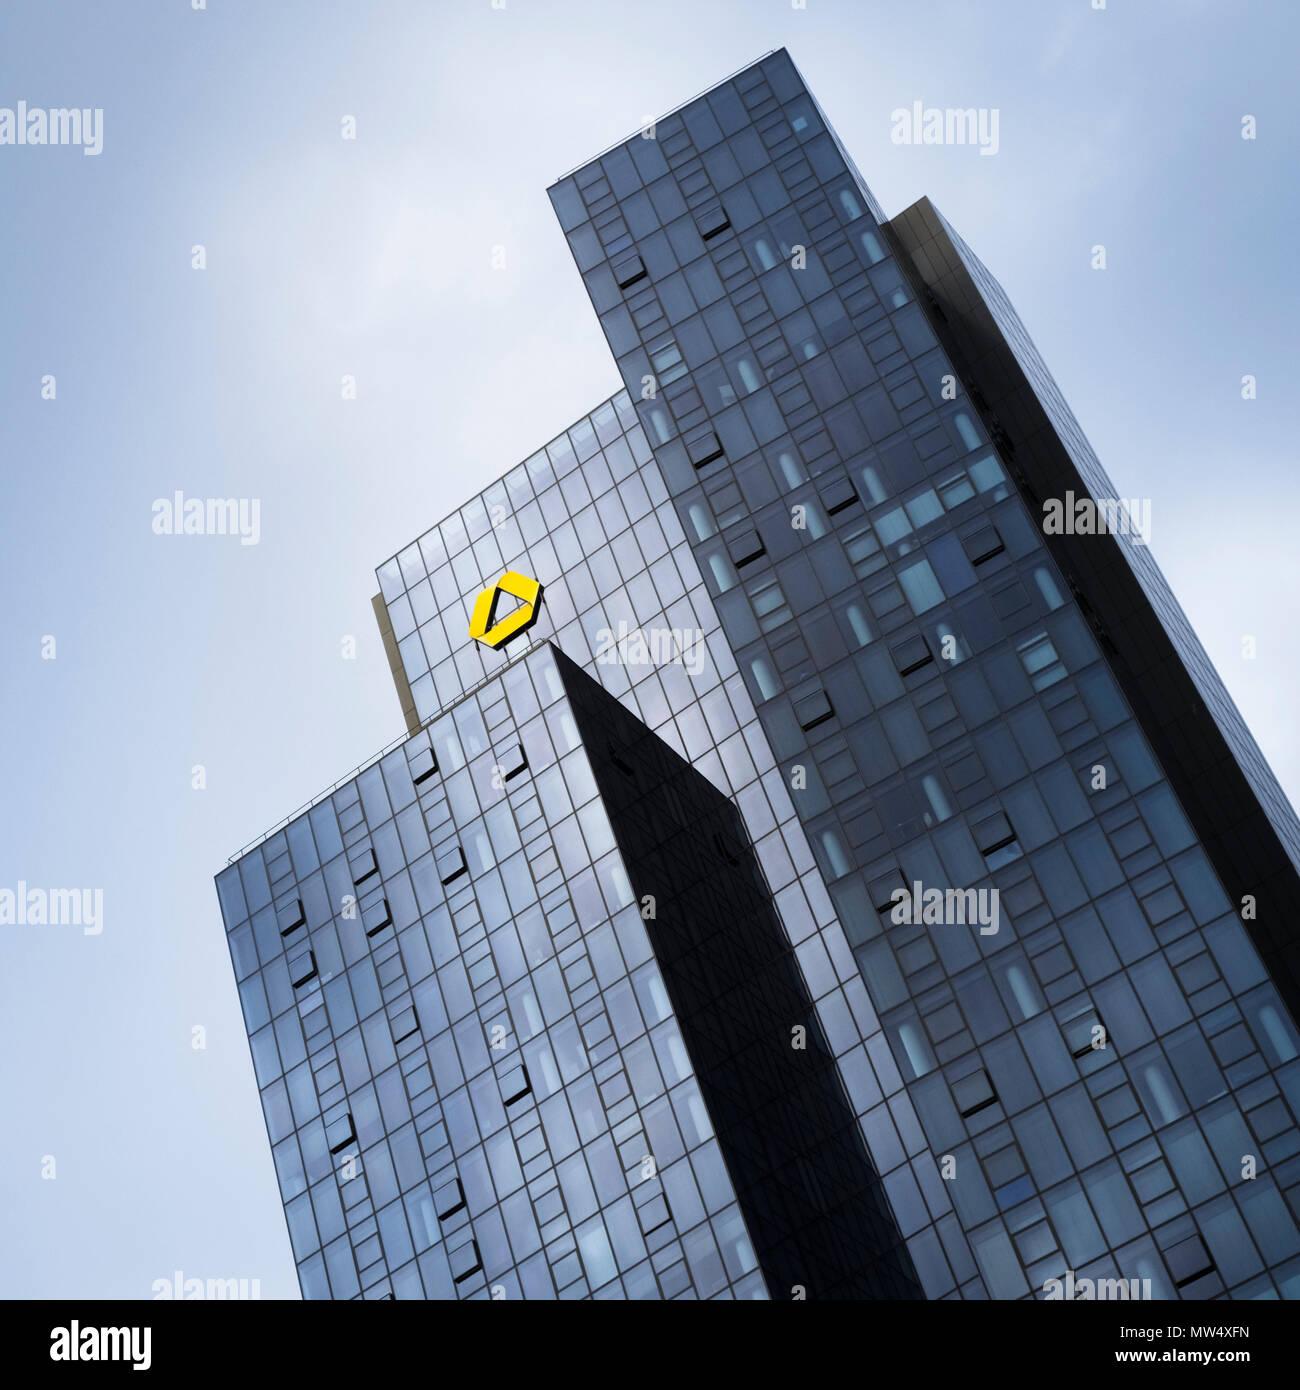 La Commerzbank Gallileo office tower, un gratte-ciel moderne de 38 étages dans le Bahnhofsviertel de Francfort am Main, Hesse, Allemagne Banque D'Images